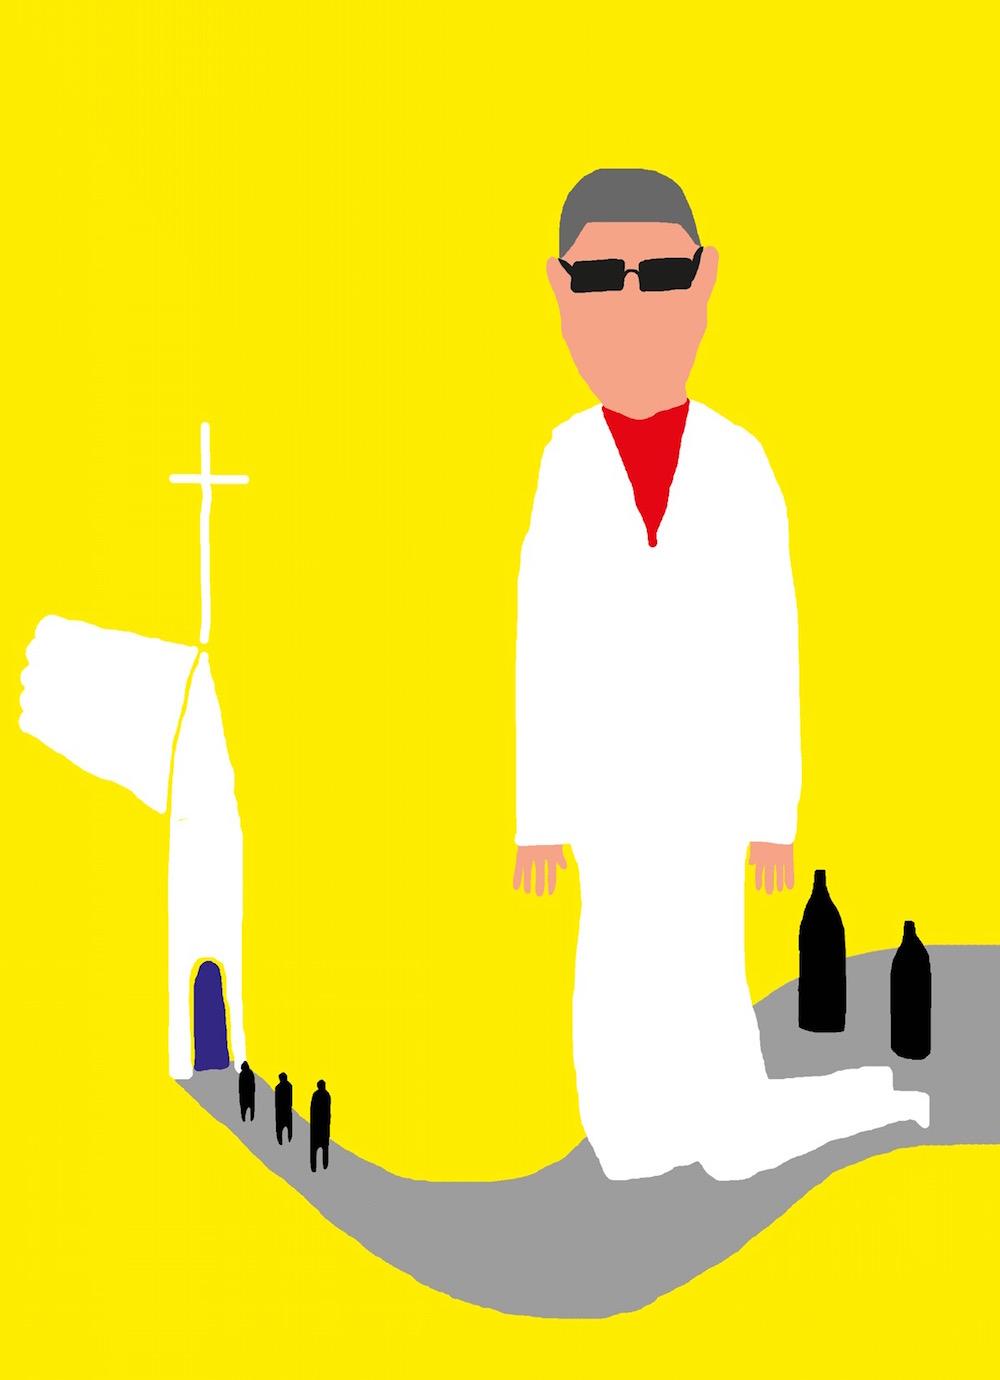 illustration, illustrations, illustrator, illustrators, church, religion, cross, crosses, bottle, bottles, sunglasses, man, men, road, roads